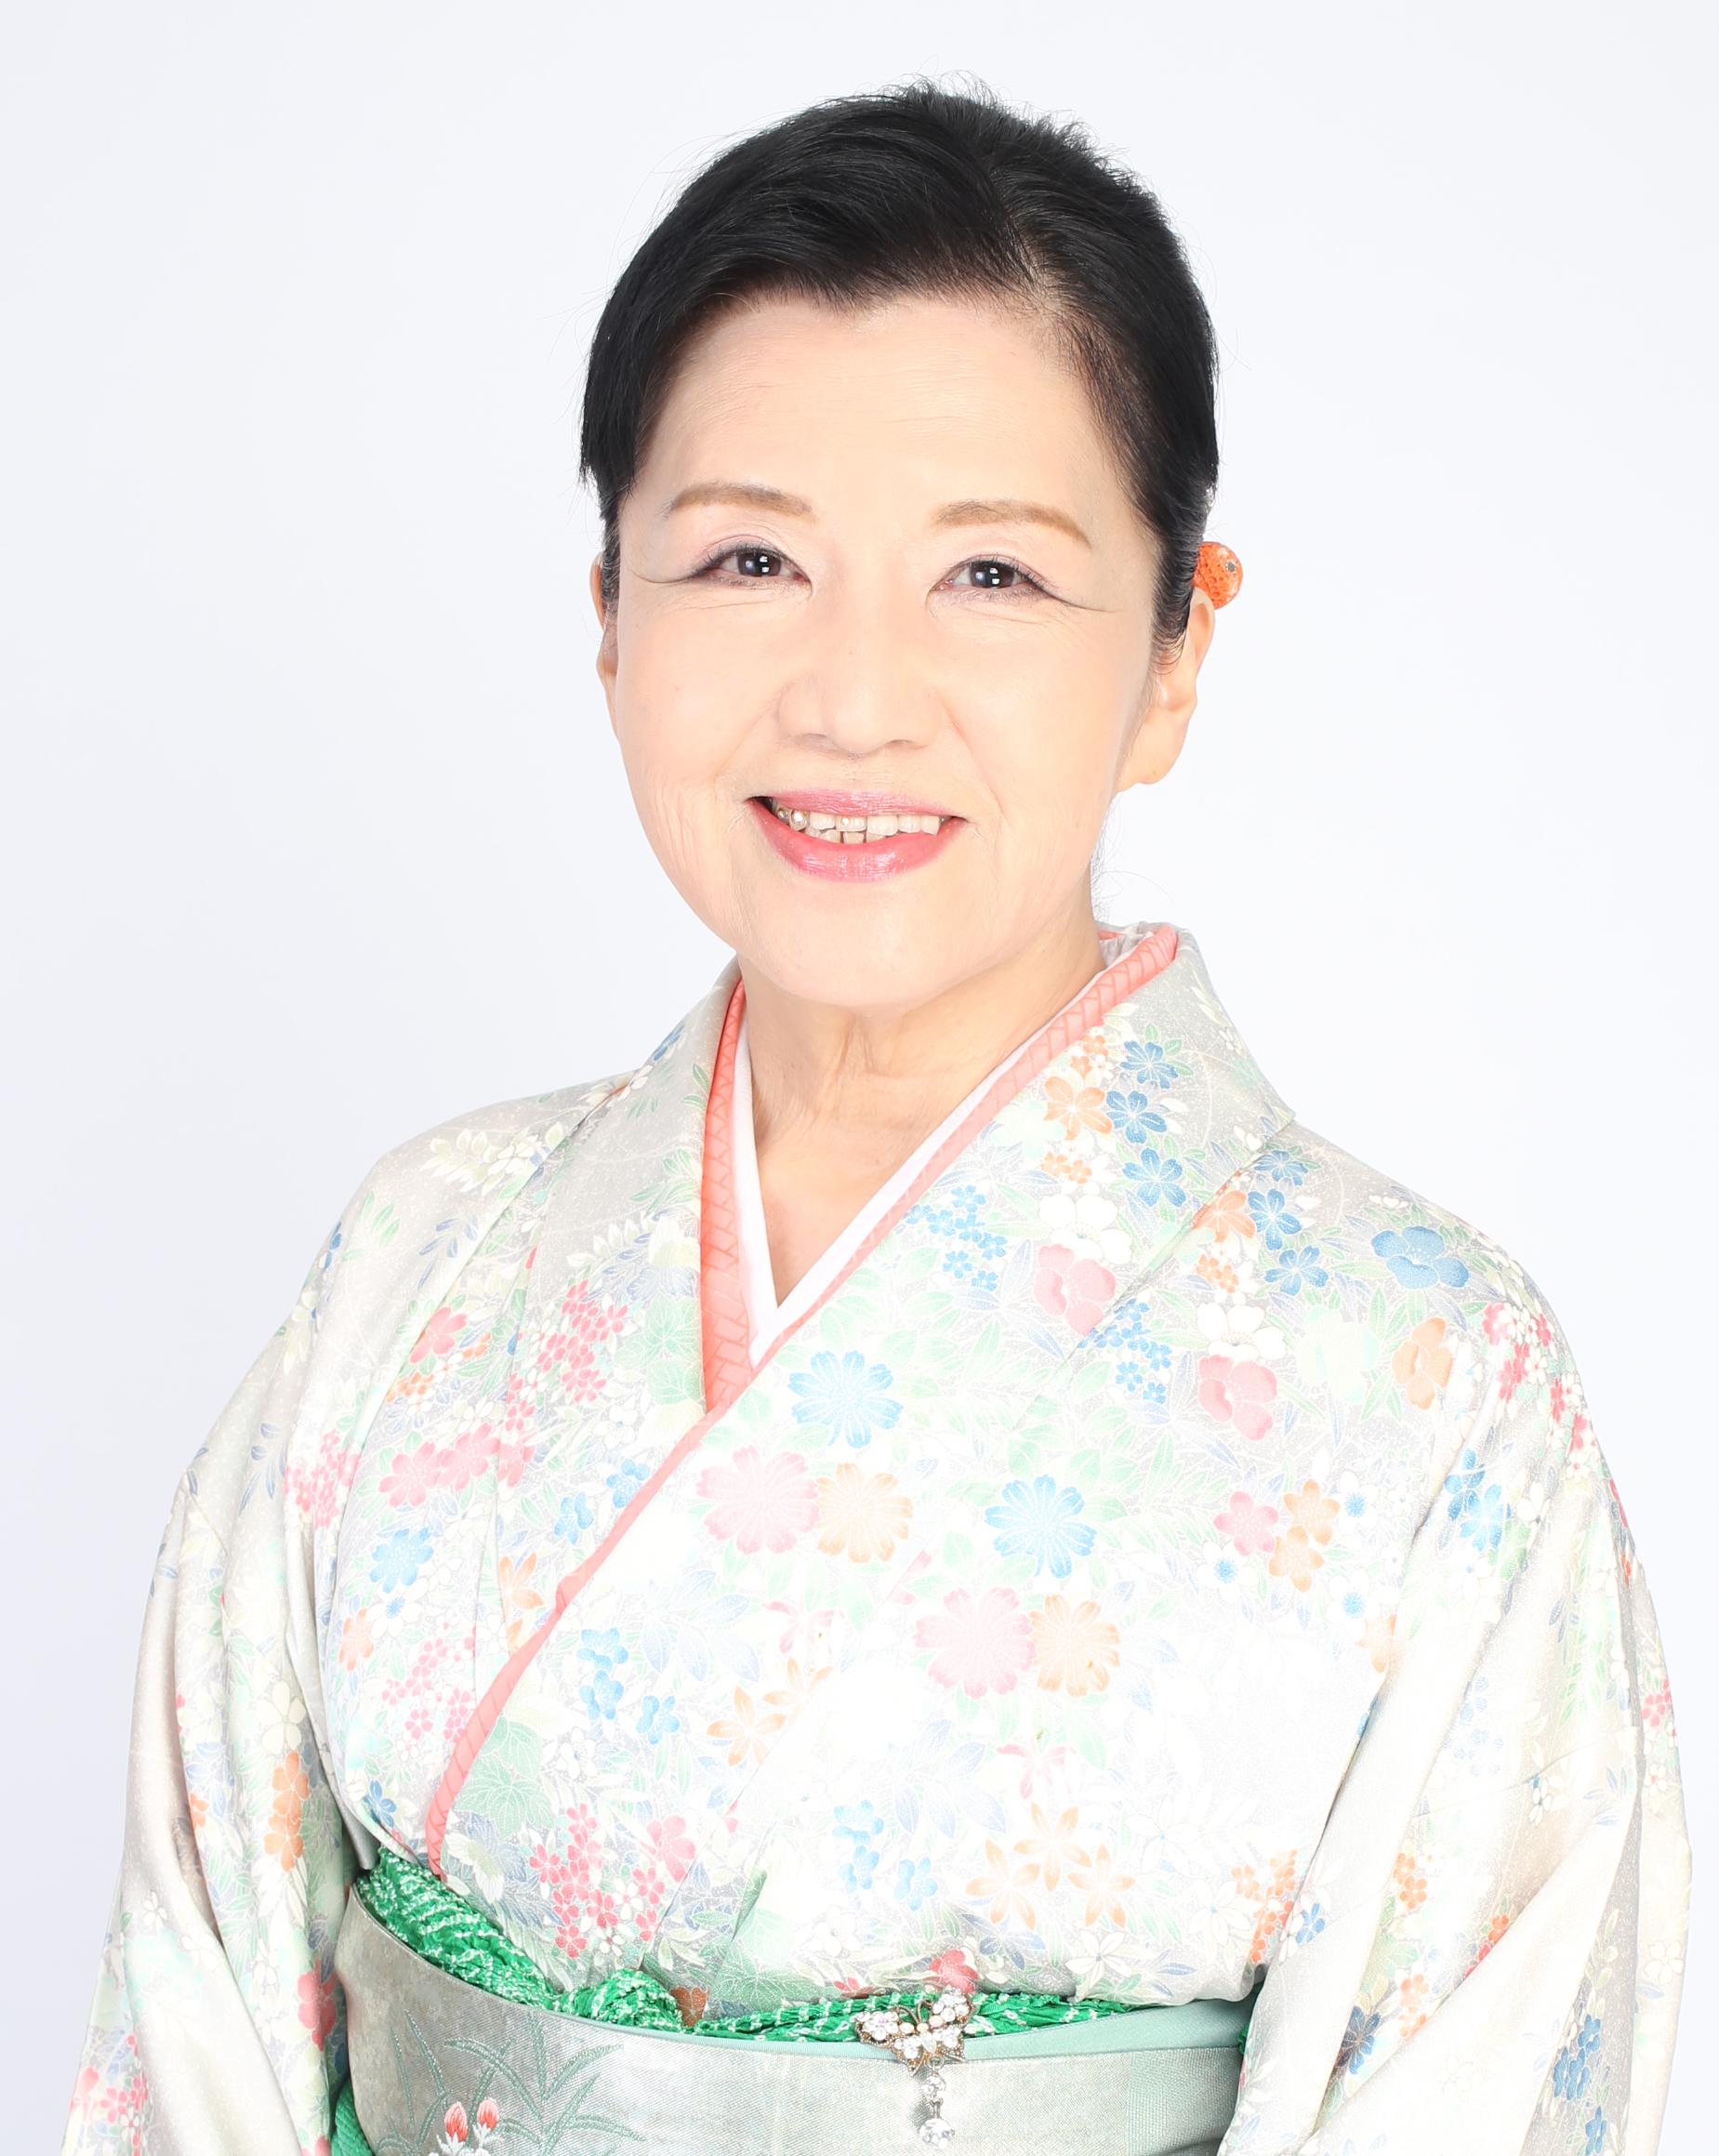 成澤 滉虹(なるさわひろこ)